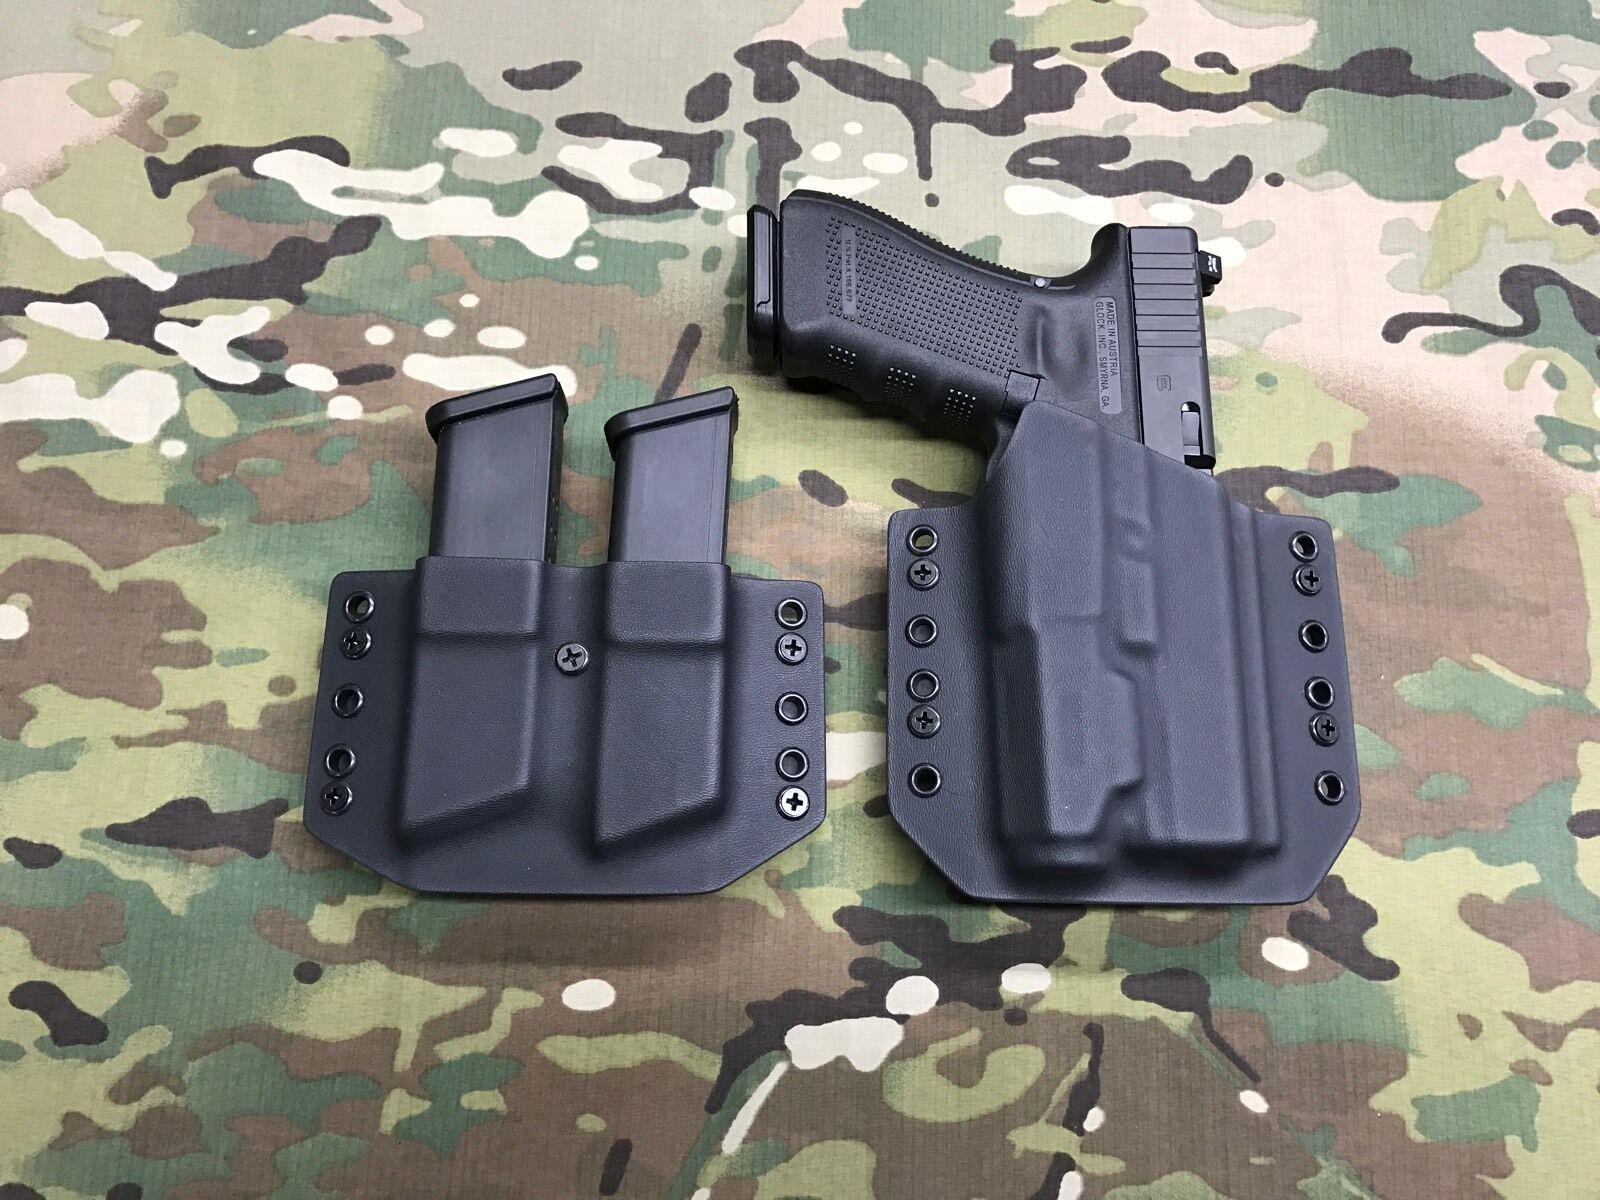 Negro Funda De Kydex Luz Glock 17 22 31 Inforce APL con Mag portador